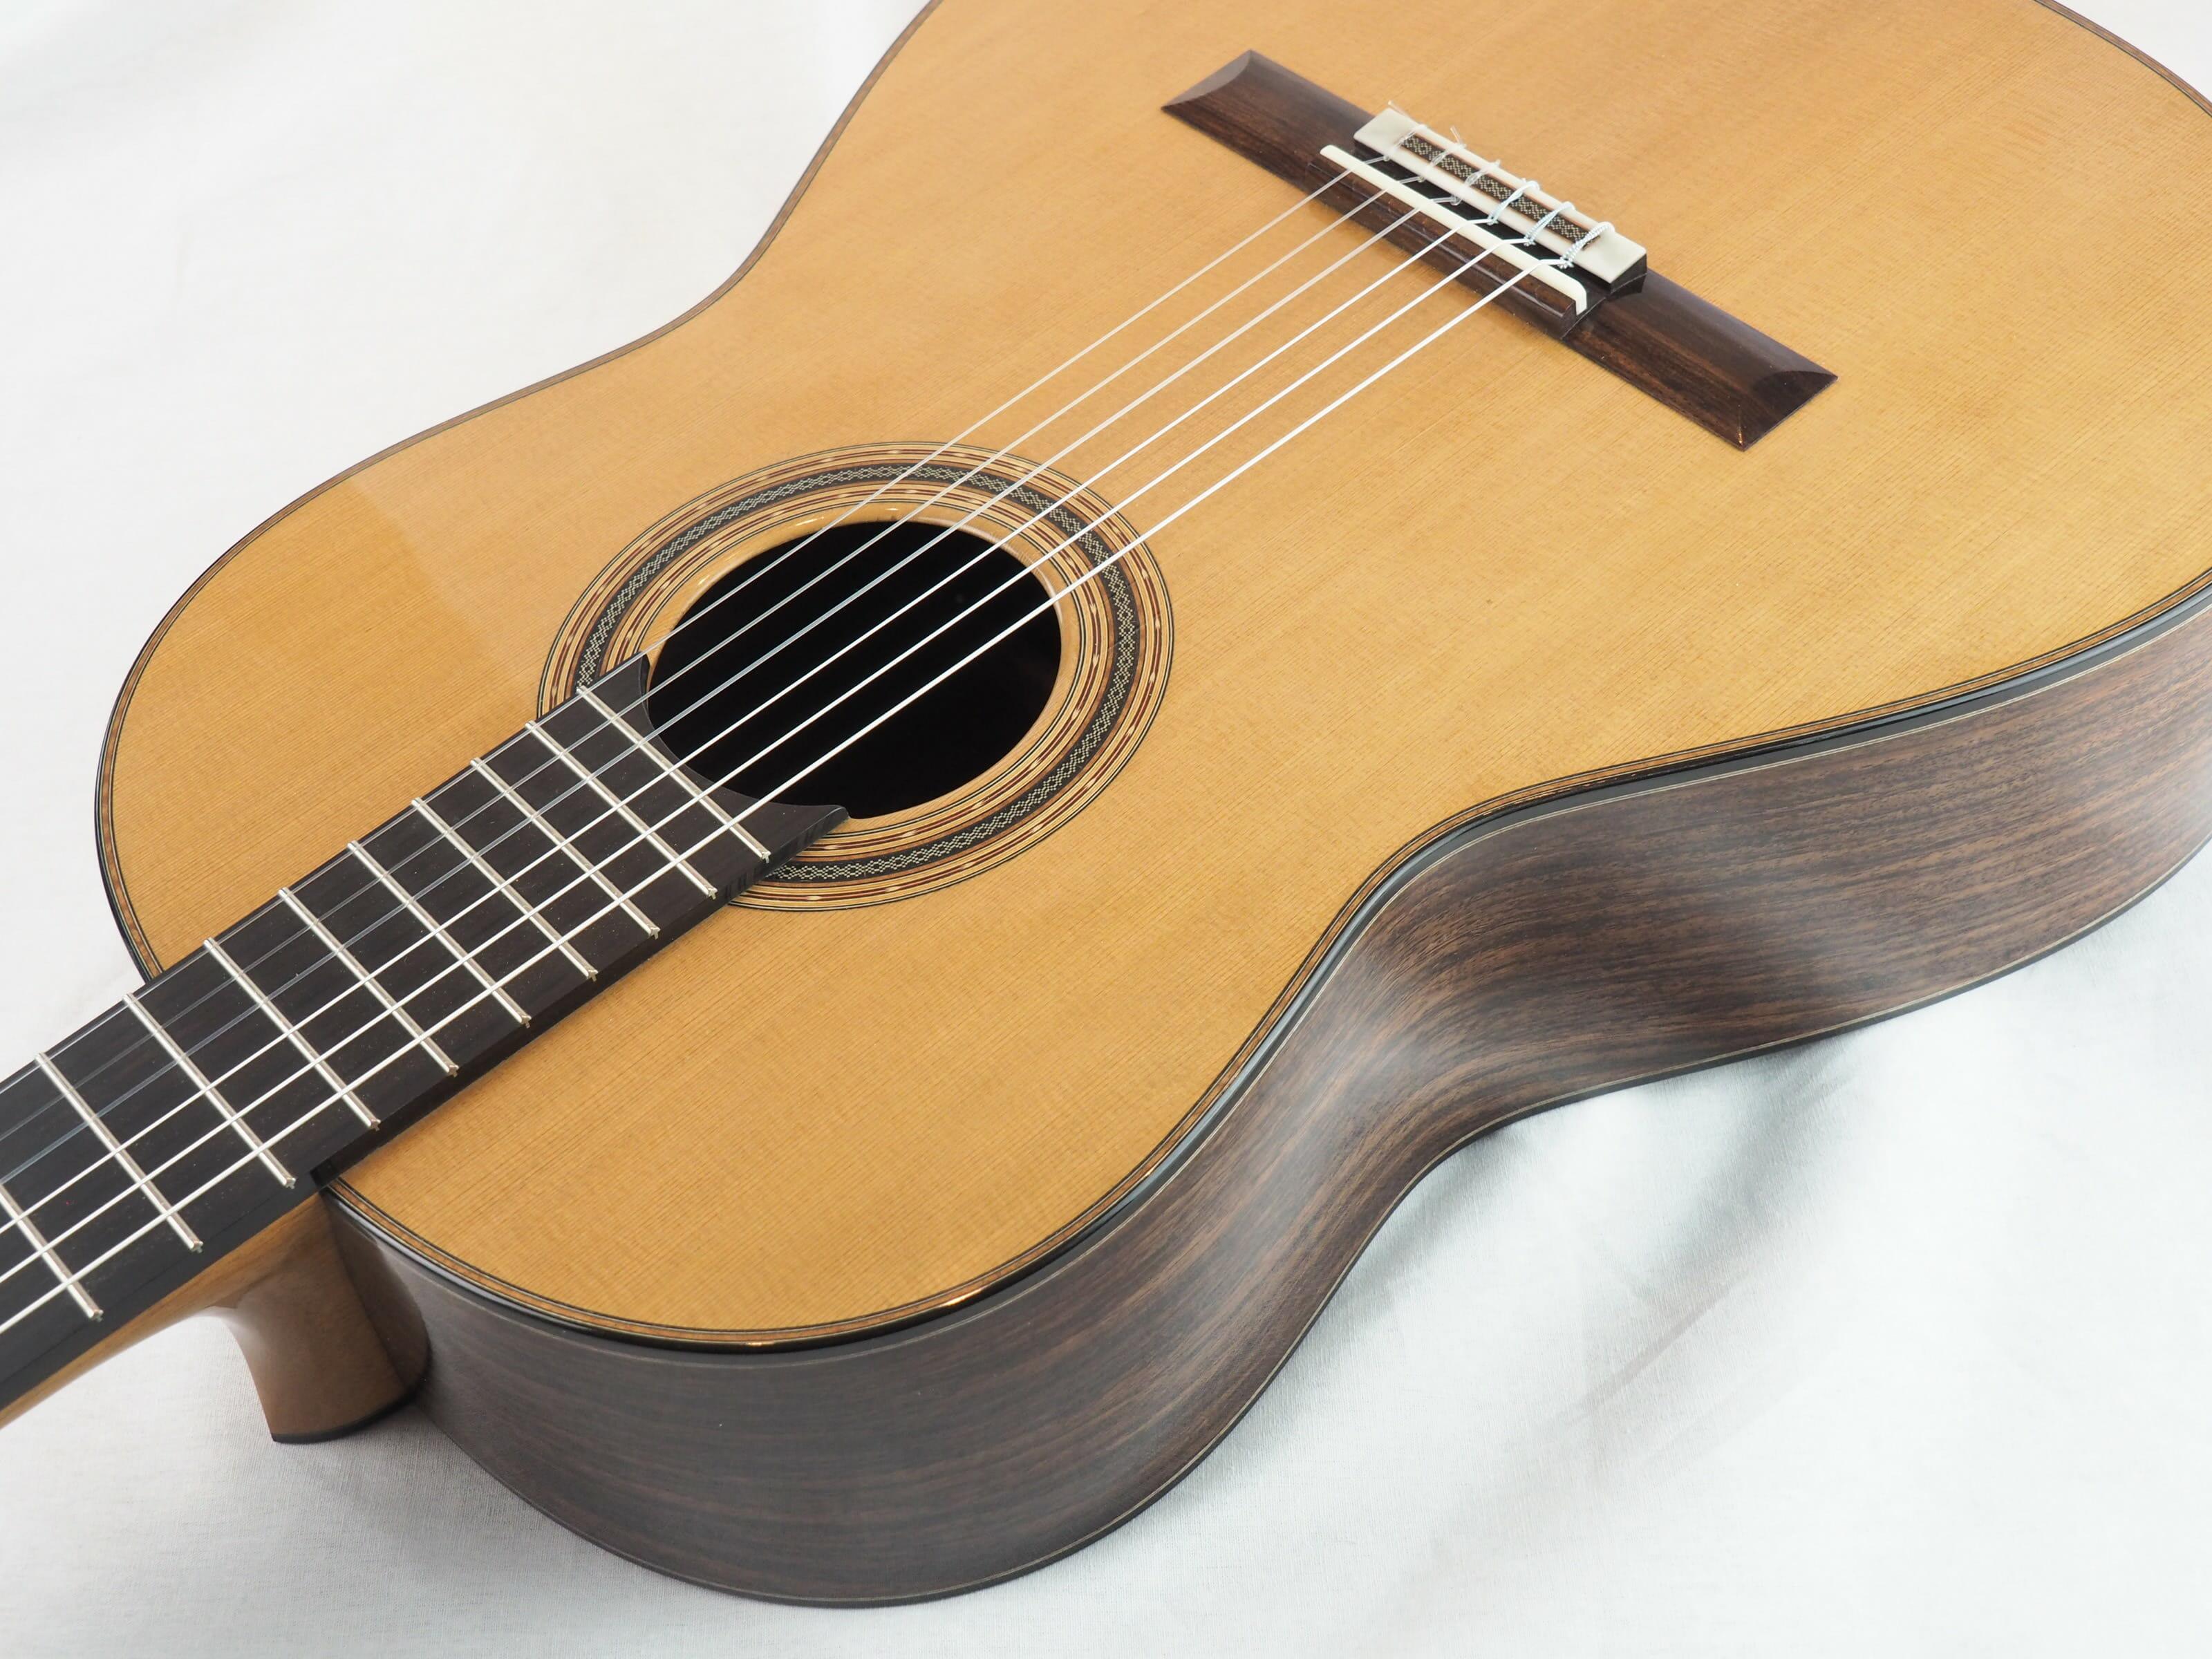 Michel Belair luthier guitare classique 2019 19BEL019-02